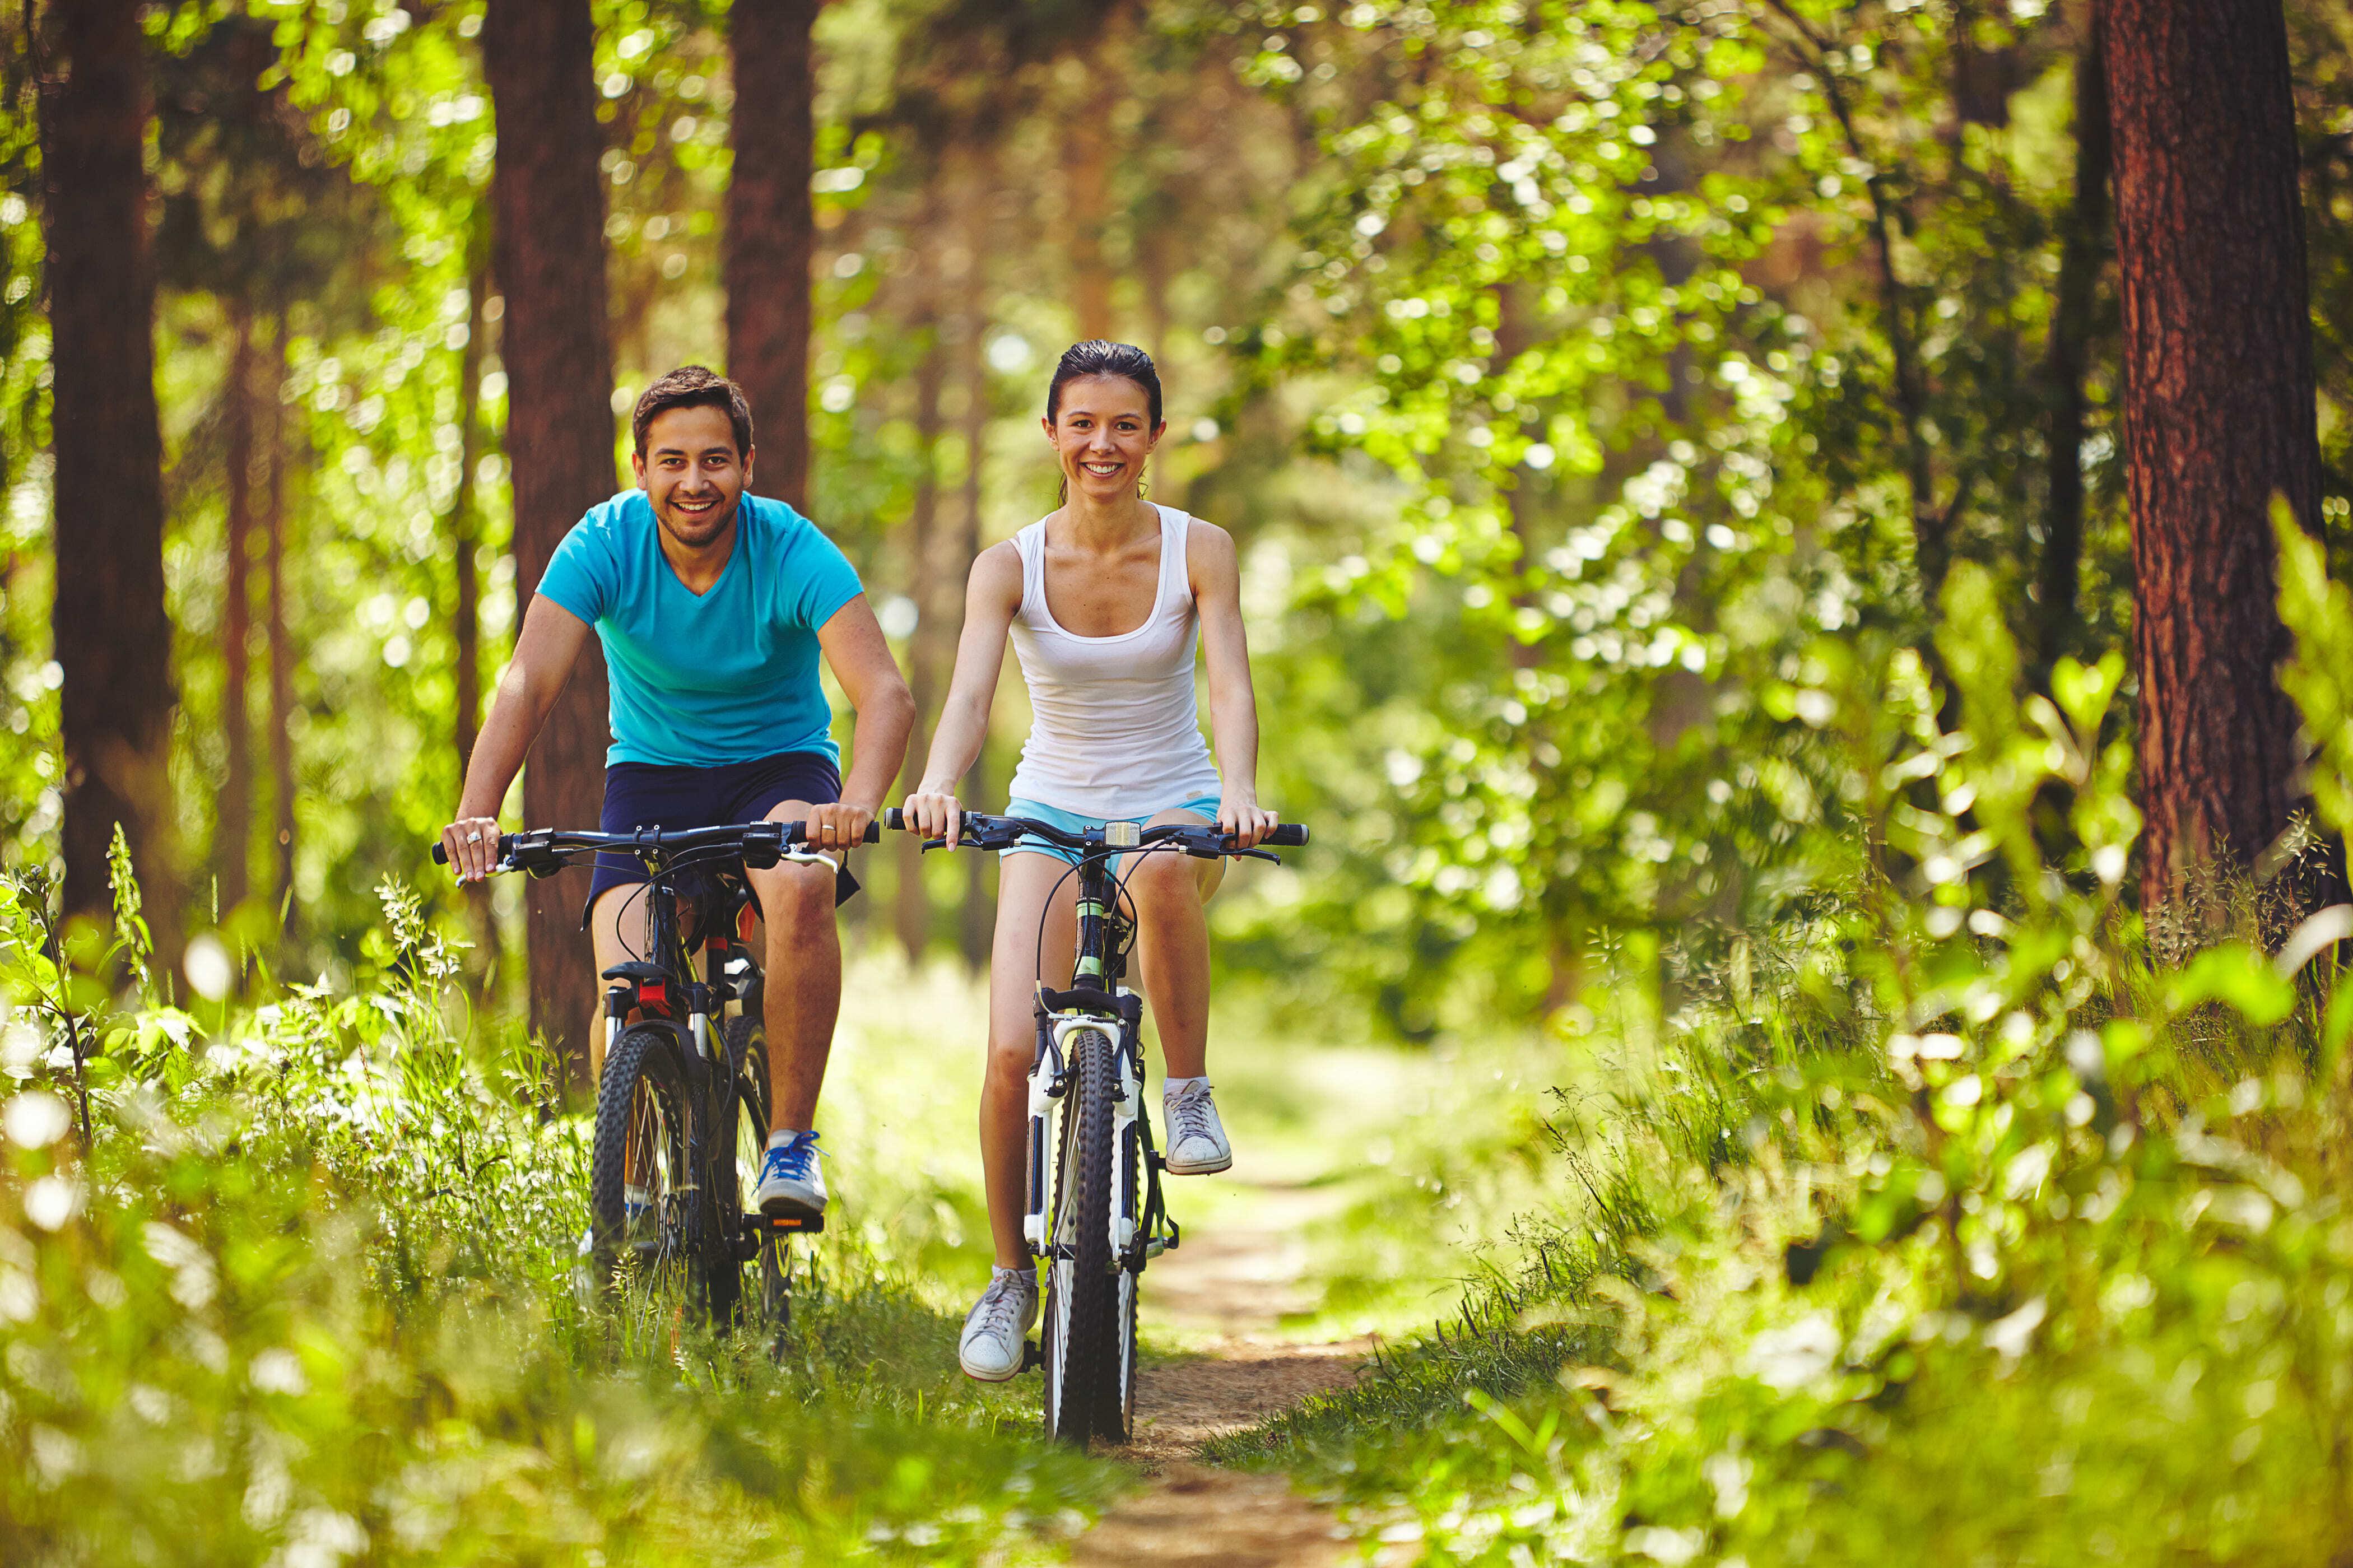 Fietsen: een gezonde bezigheid